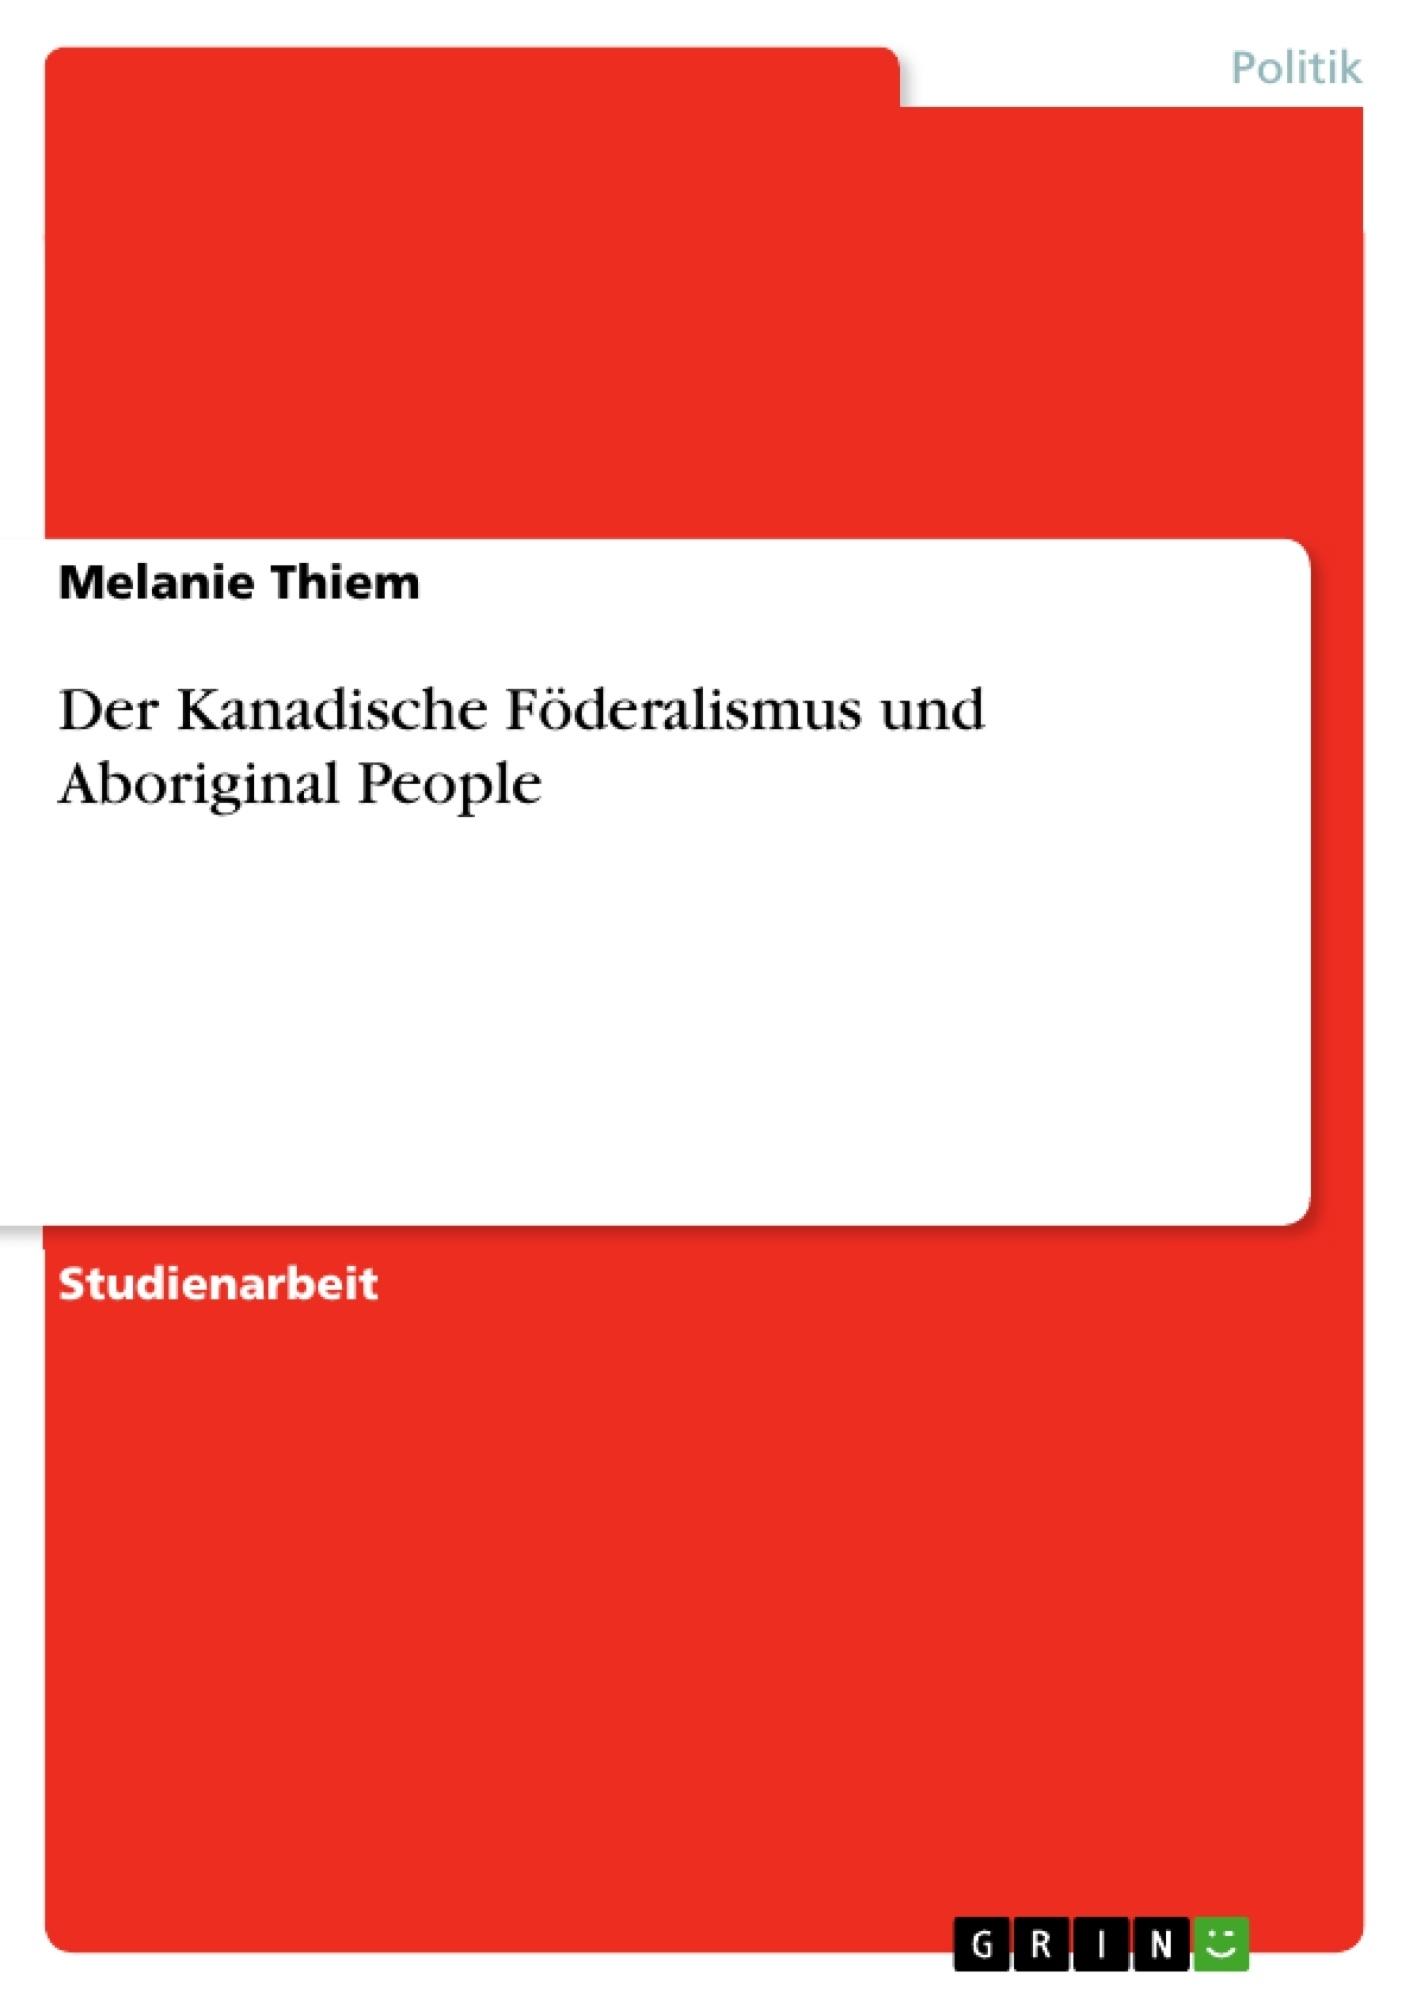 Titel: Der Kanadische Föderalismus und Aboriginal People